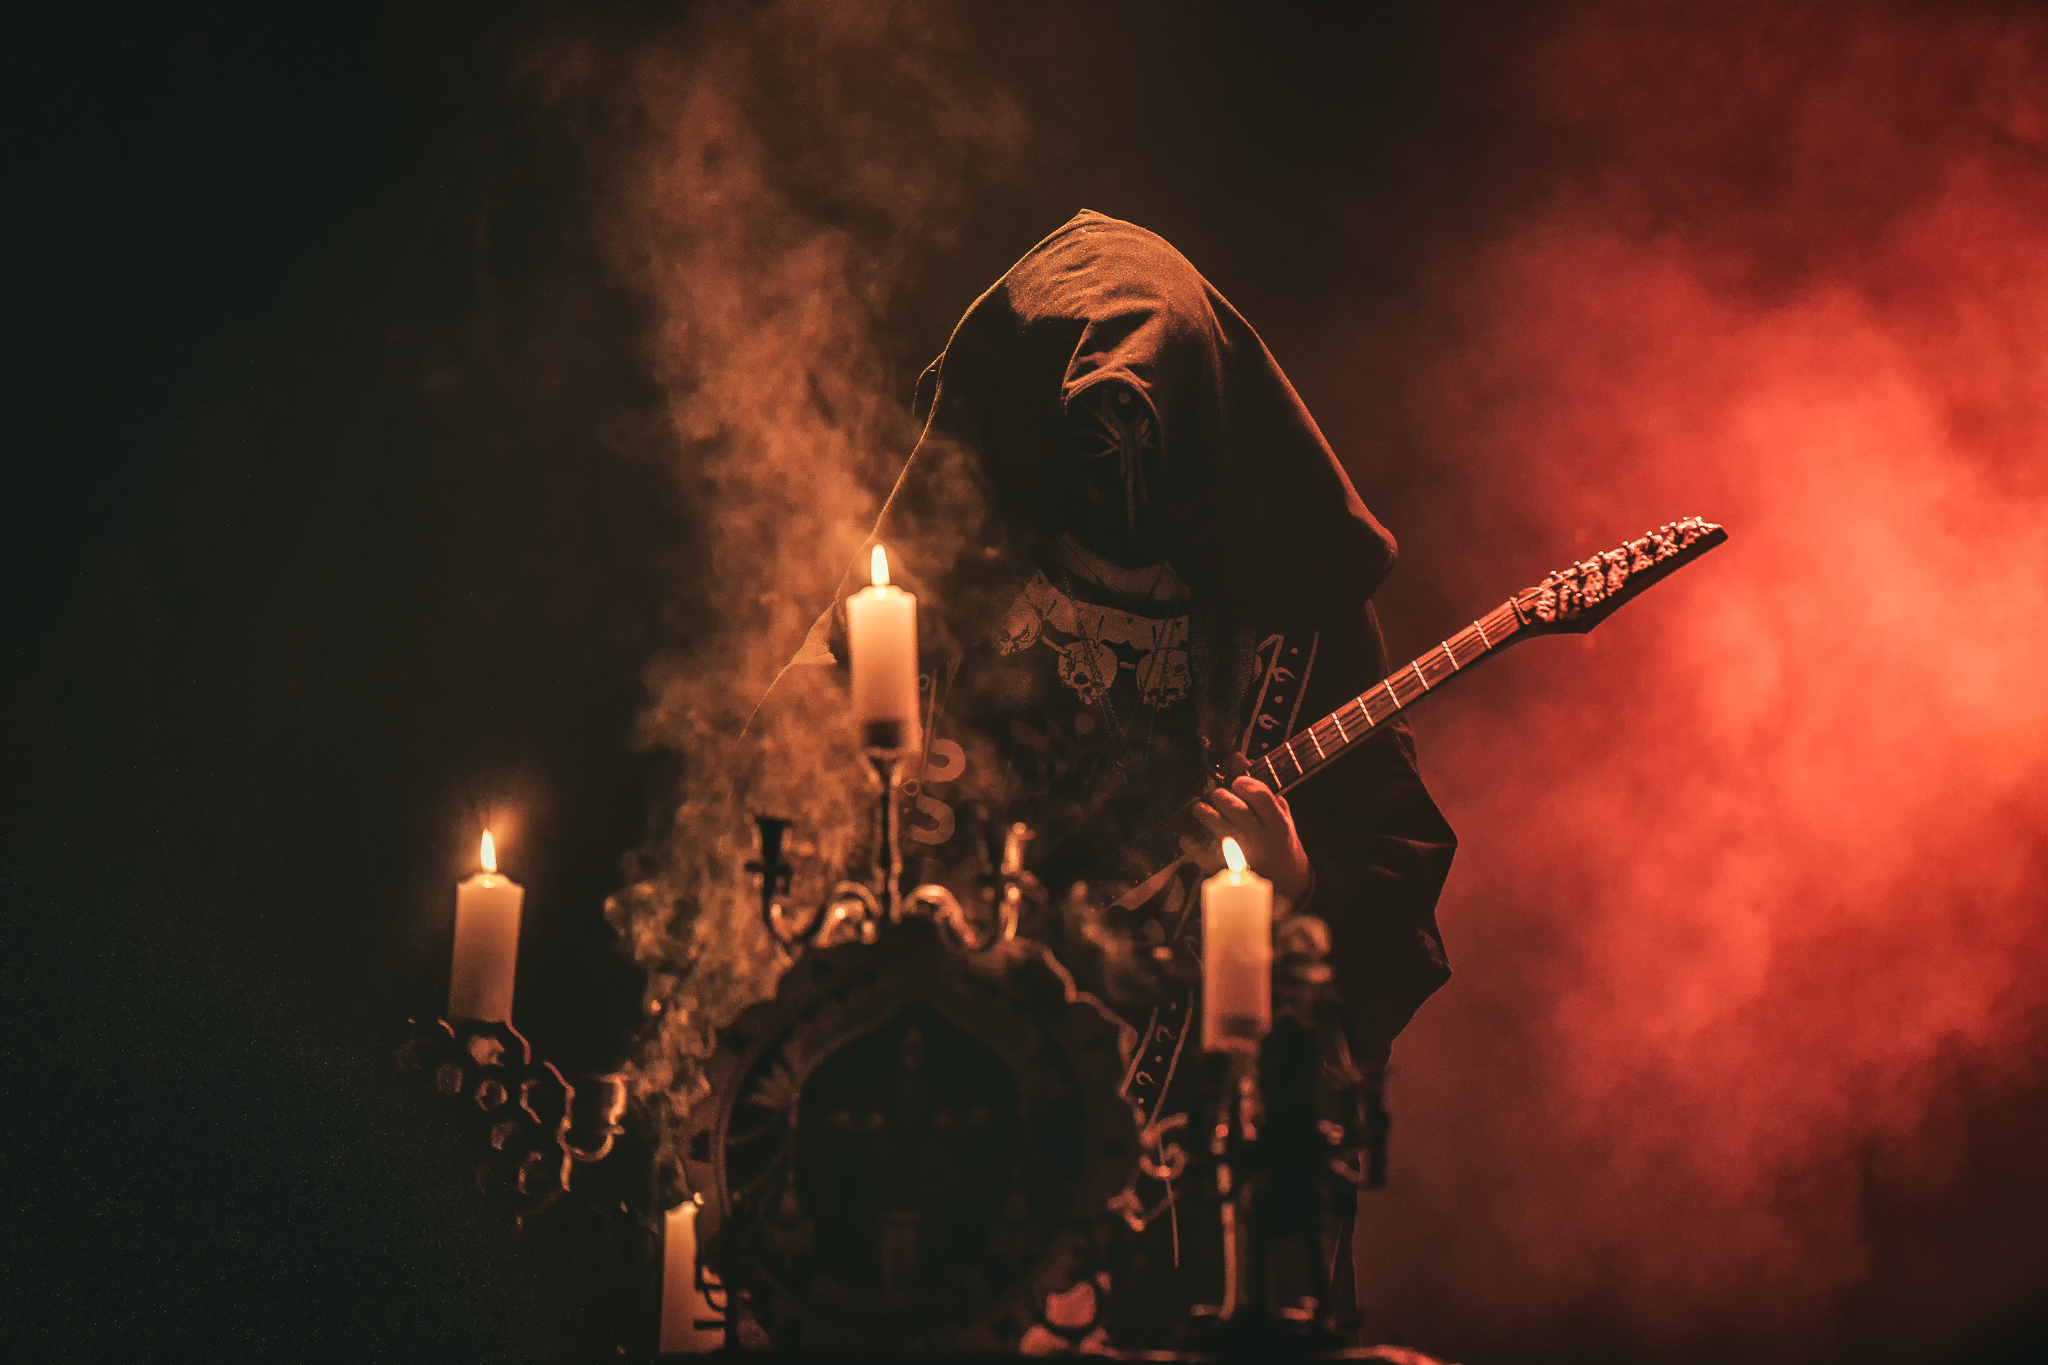 Cult of fire (7).JPG